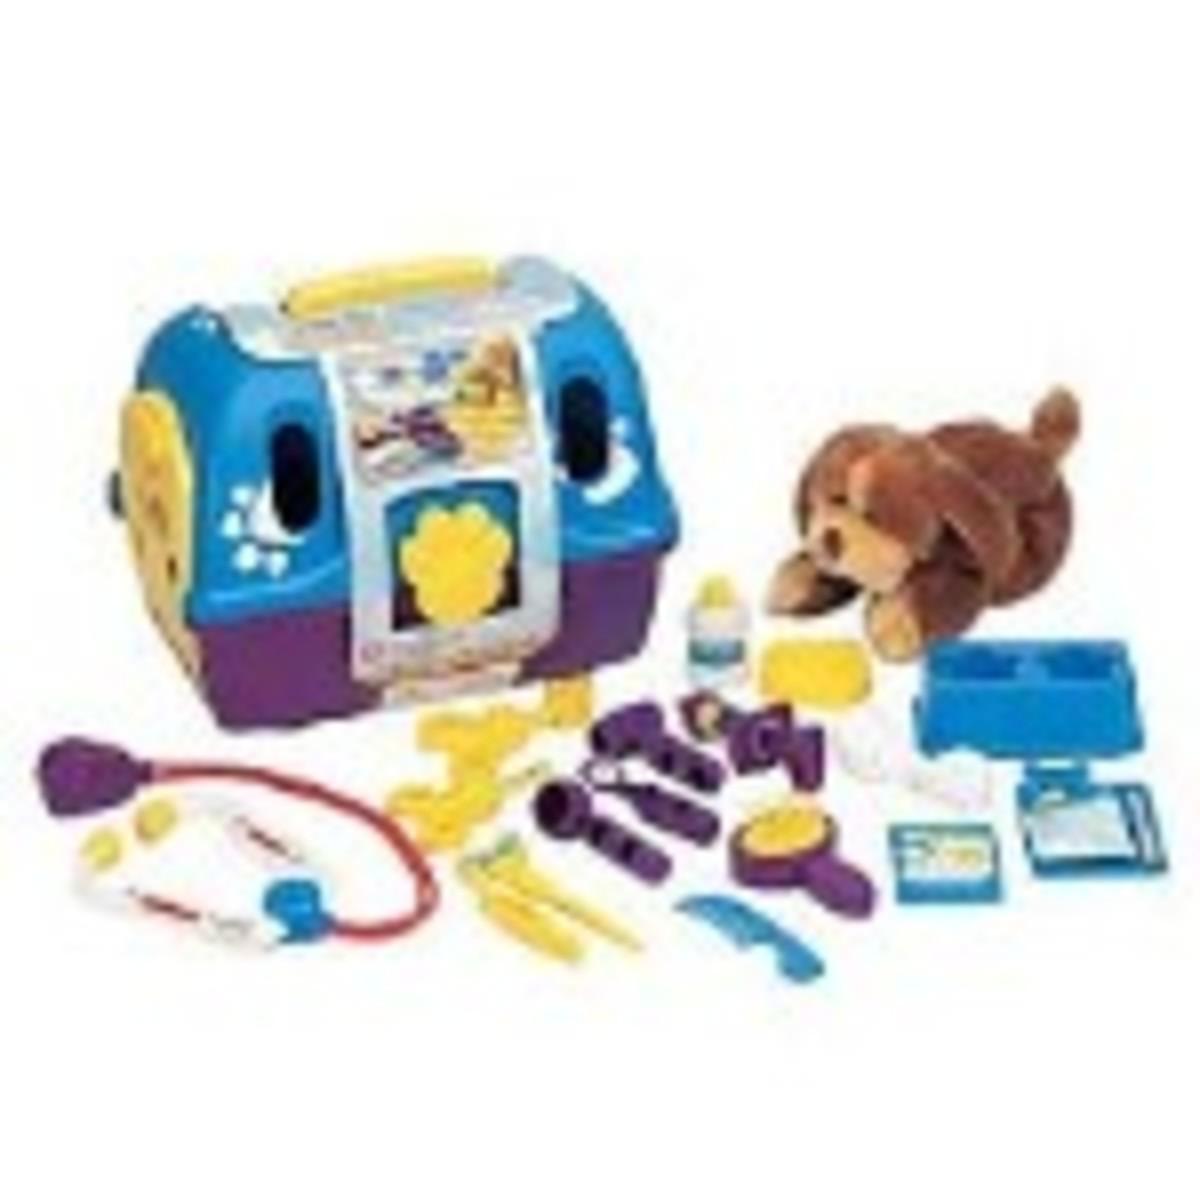 Veterinarian Toys & Playsets for Kids - Vet Toys for Kids